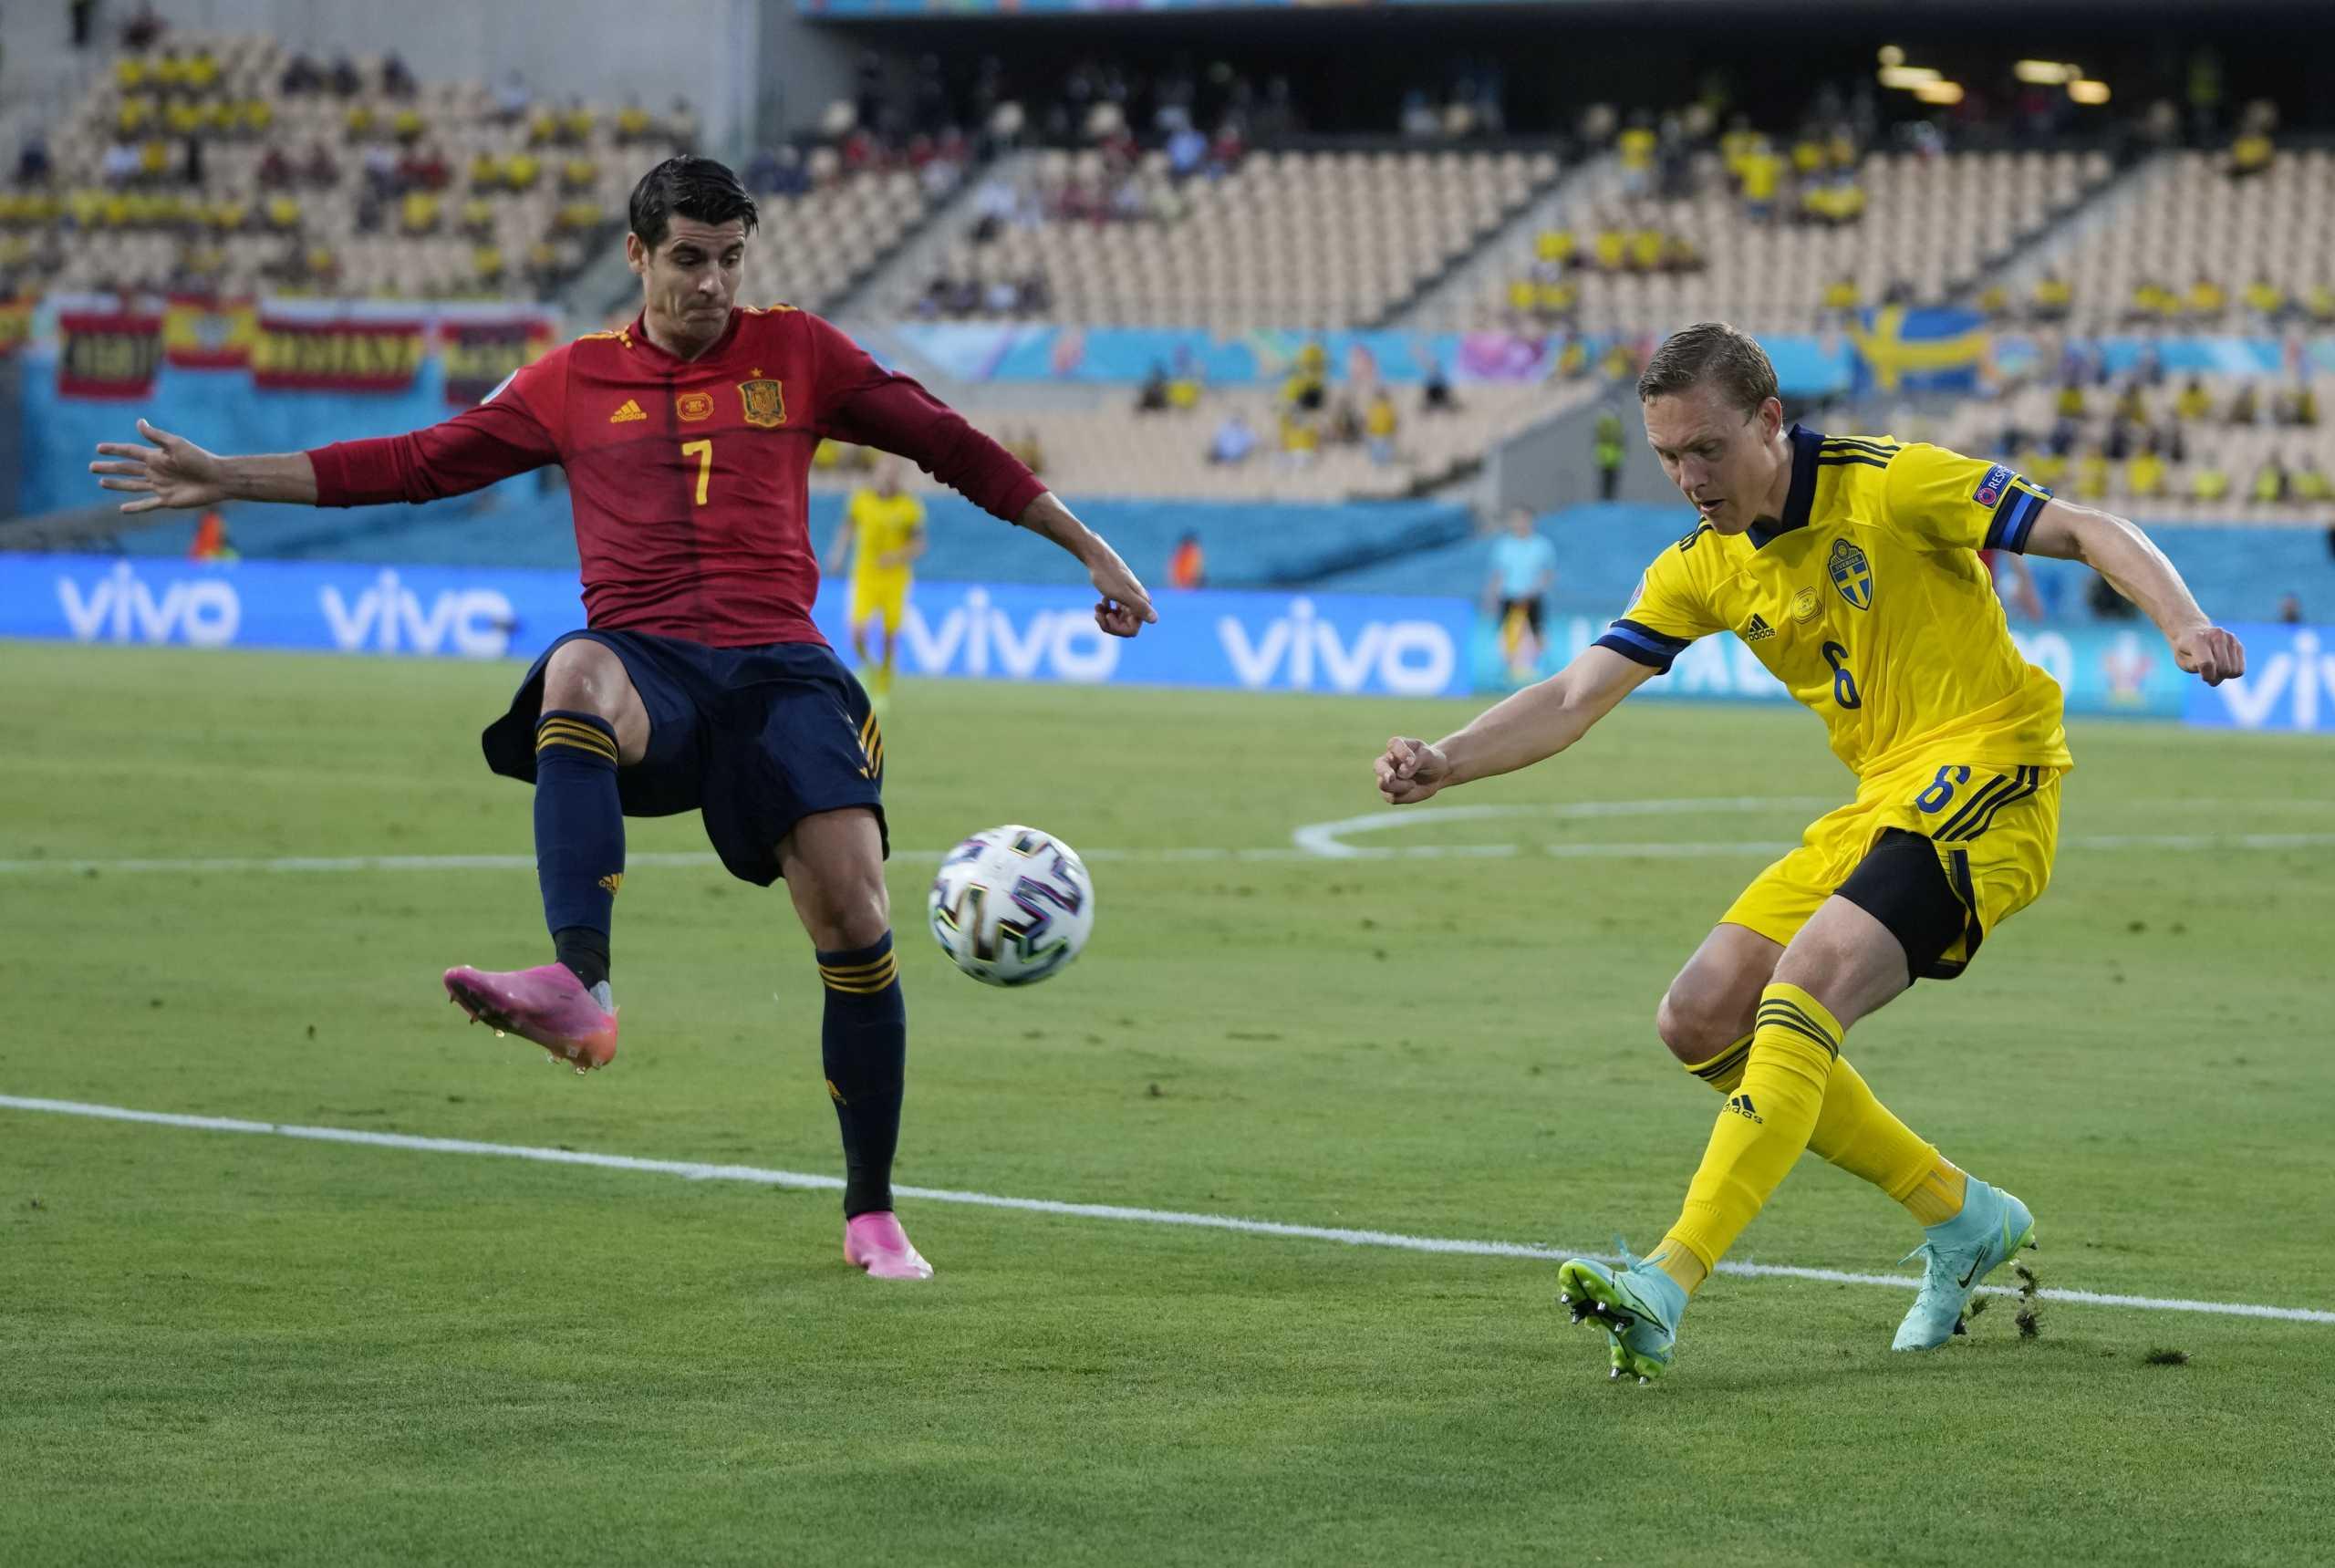 Ισπανία – Σουηδία 0-0 ΤΕΛΙΚΟ: «Γκέλα» στην πρεμιέρα για τους Ίβηρες